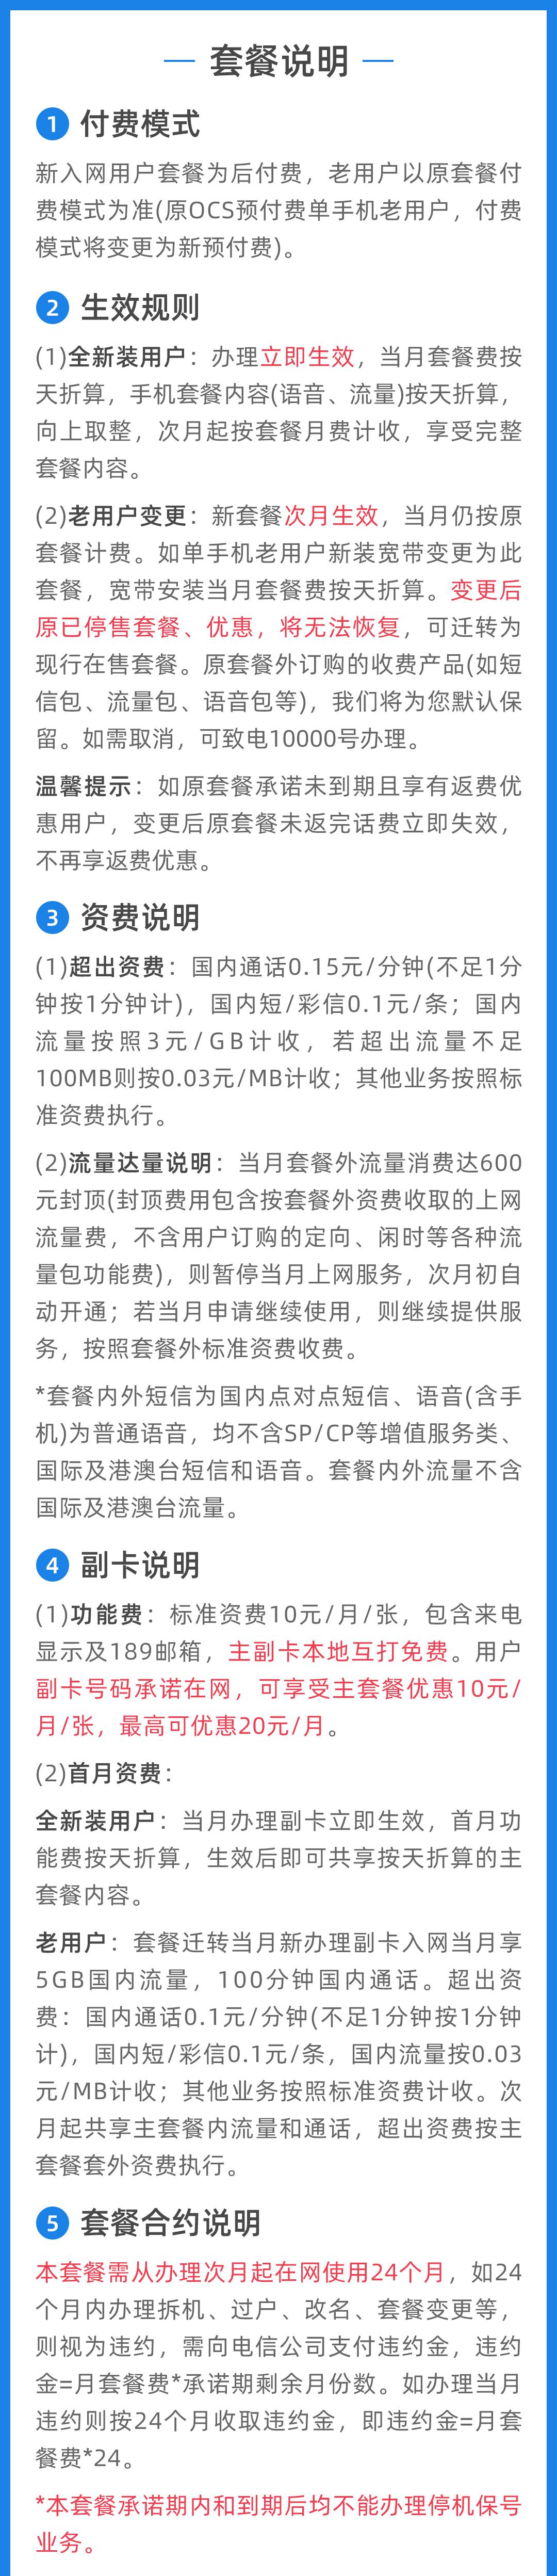 11964套餐说明_01.png